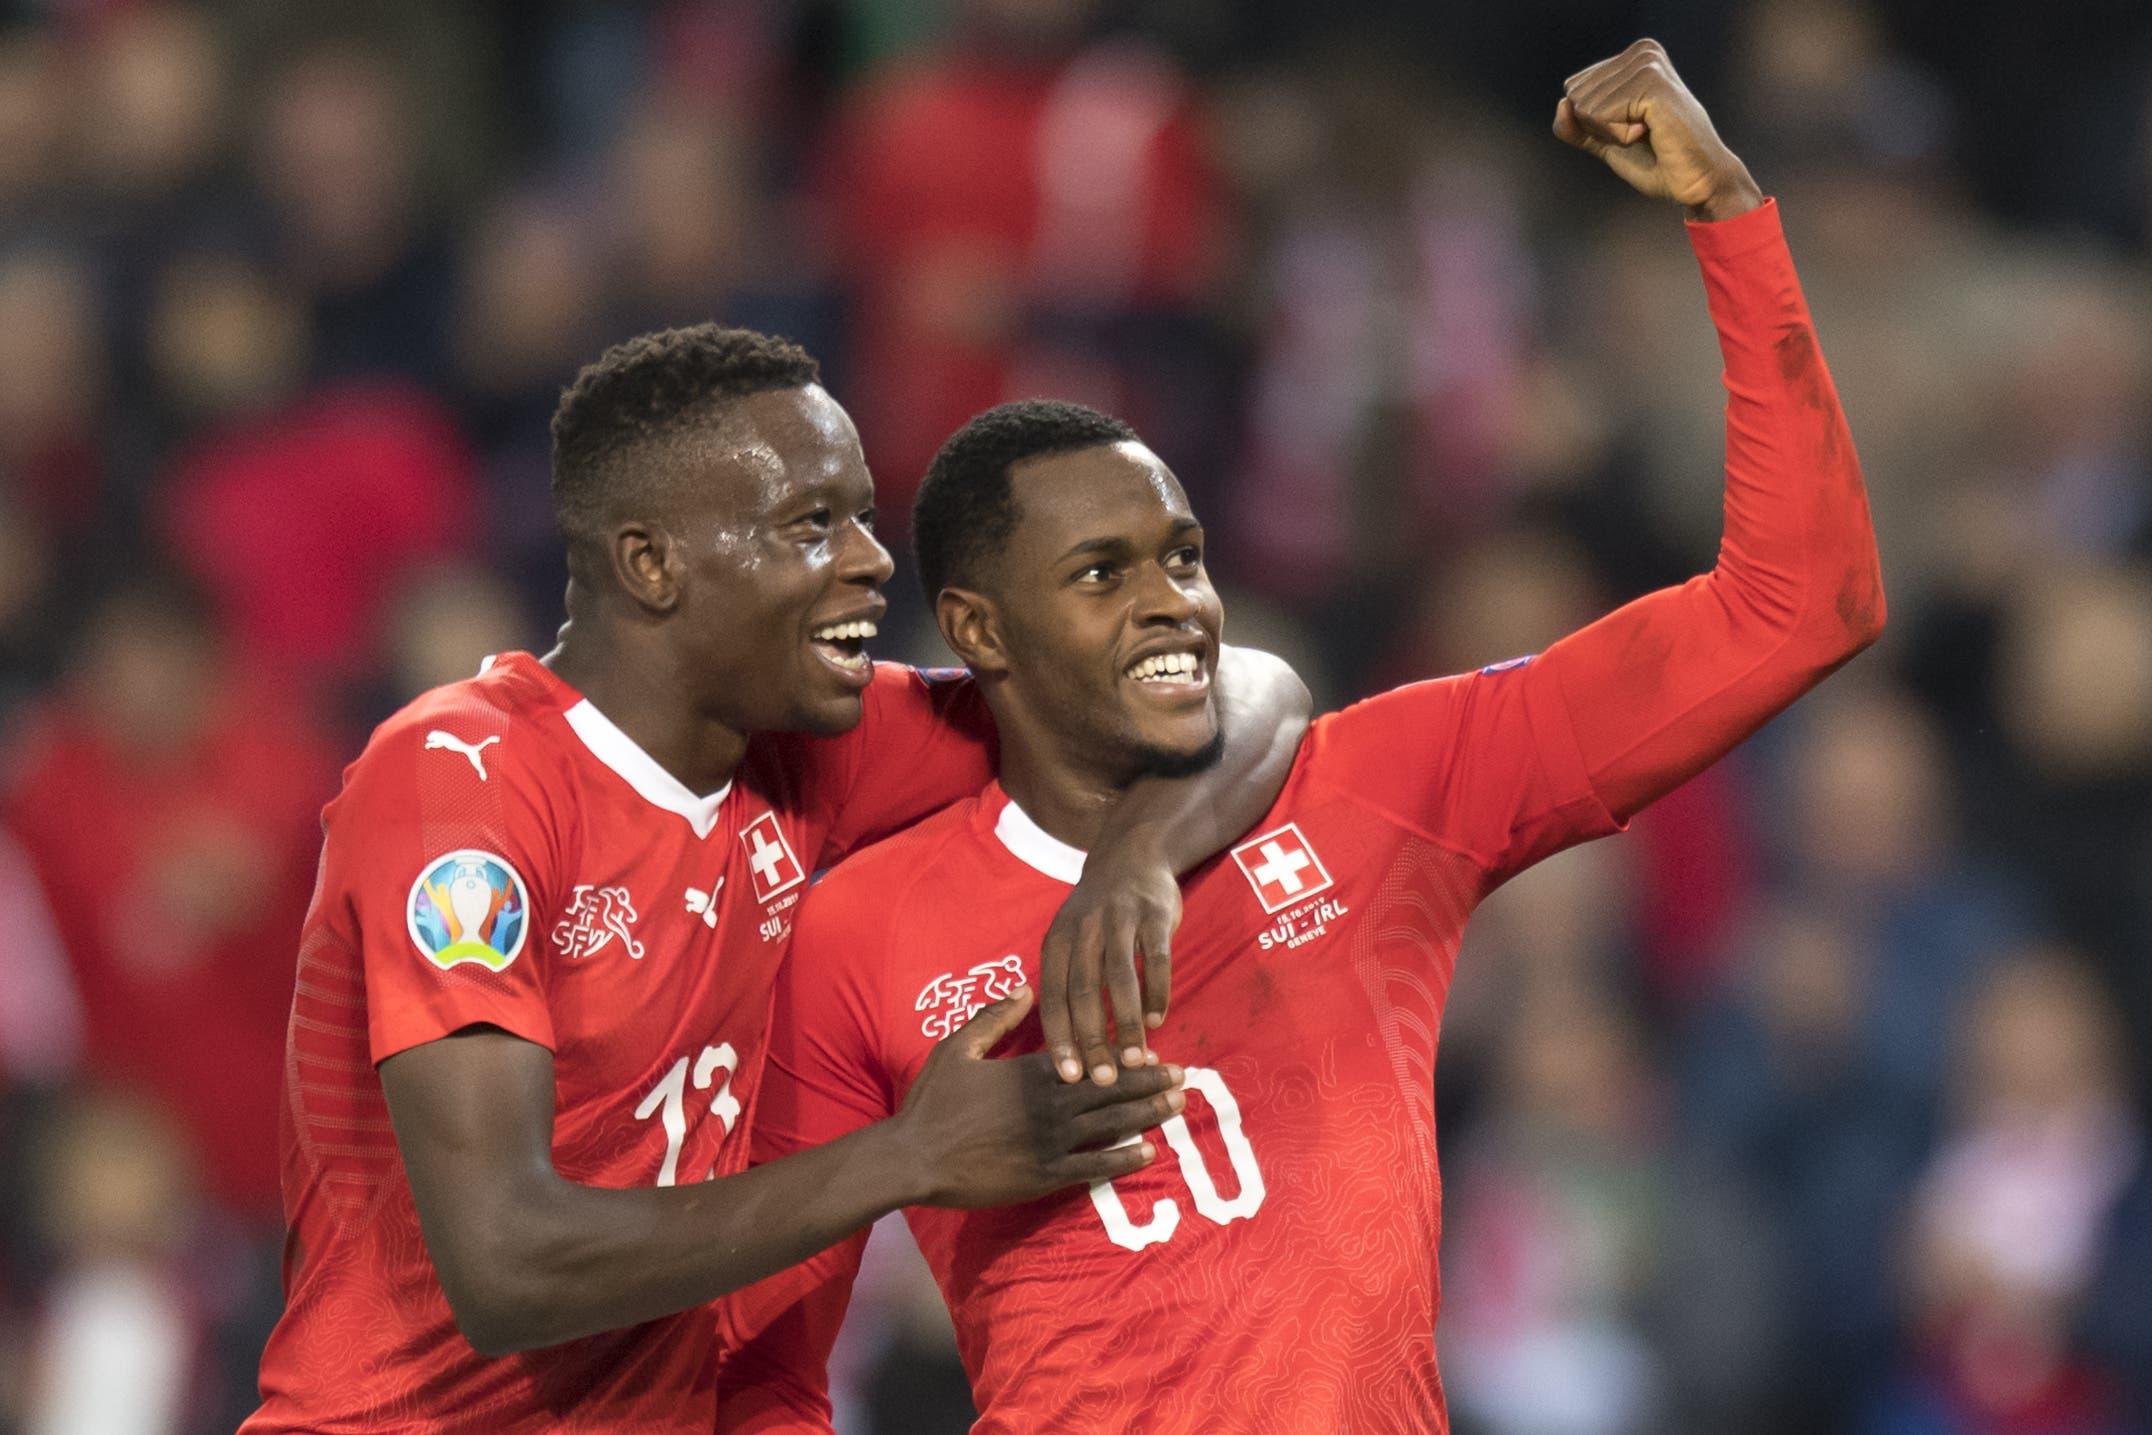 Die beiden Mittelfeldspieler Denis Zakaria (links) und Edimilson Fernandes feiern das Tor zum 2:0 für die Schweiz. Erzielt hat den zweiten Treffer Fernandes. Bild: Keystone/Laurent Gillieron (Genf, 15. Oktober 2019)